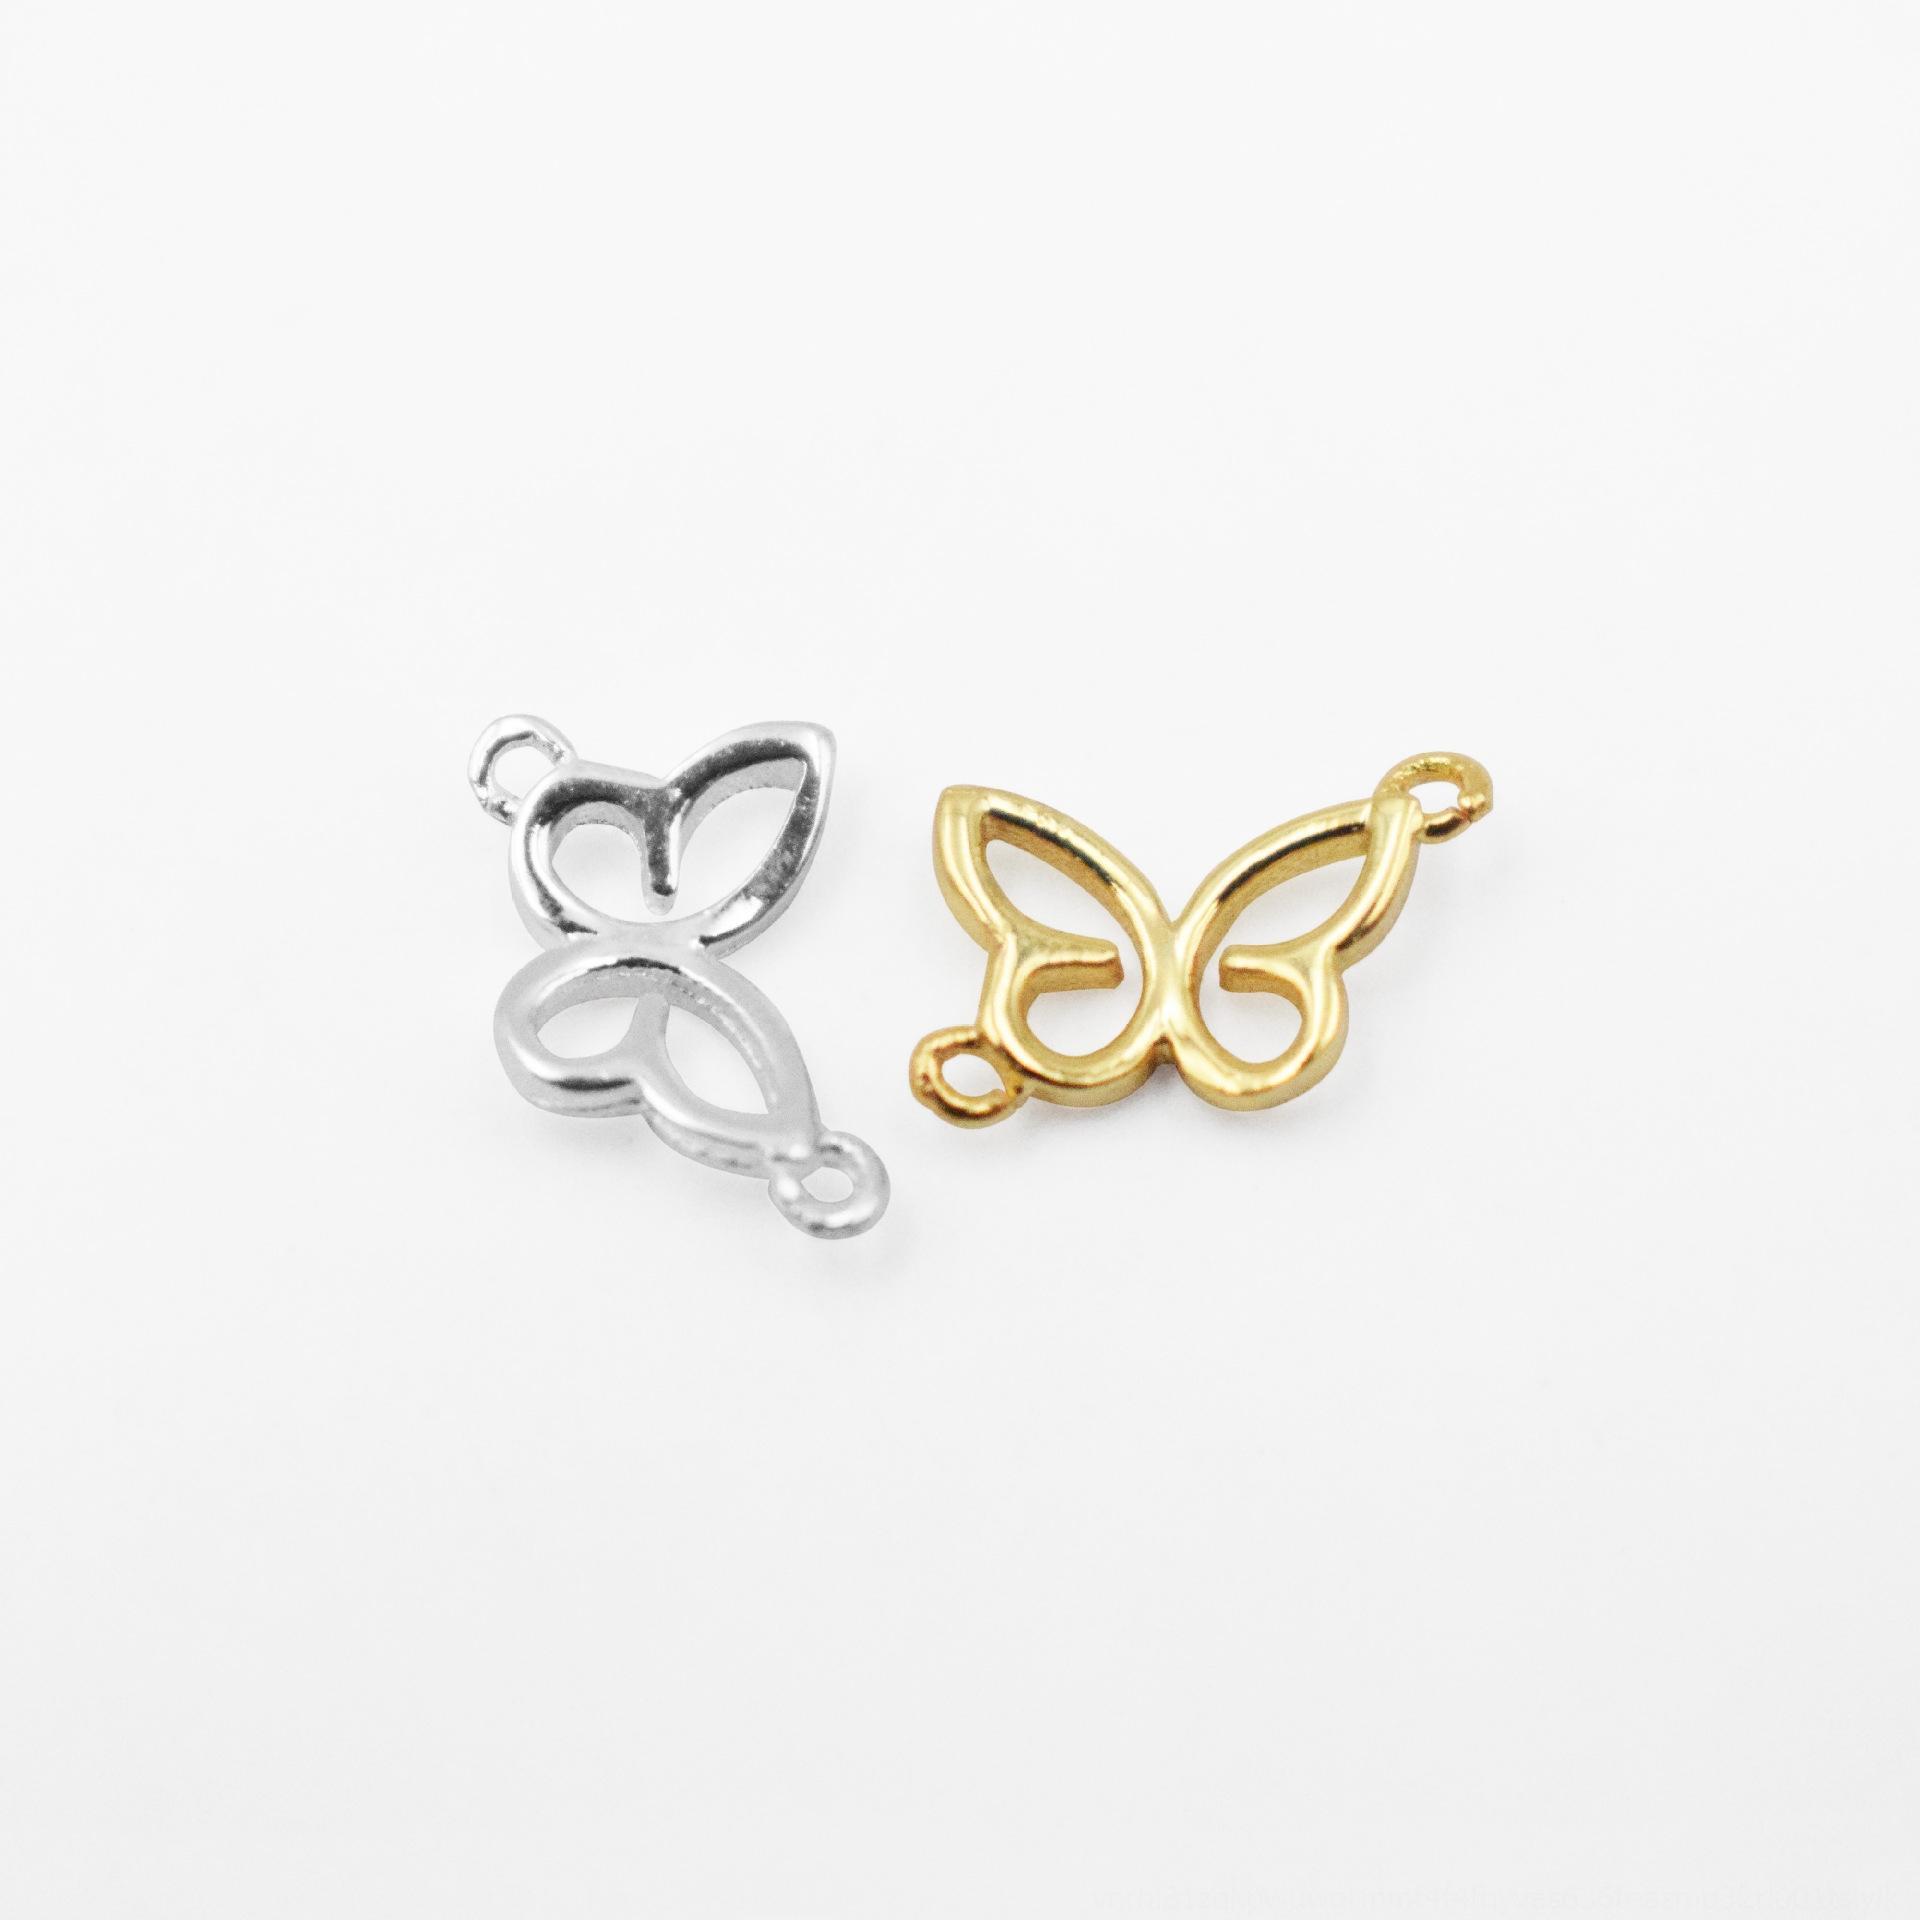 n4T7Z S925 accesorios lisos de cadena pendiente de cadena de plata de la mariposa de oro colgante gargantilla de cuentas de collar pulsera de plata de DIY